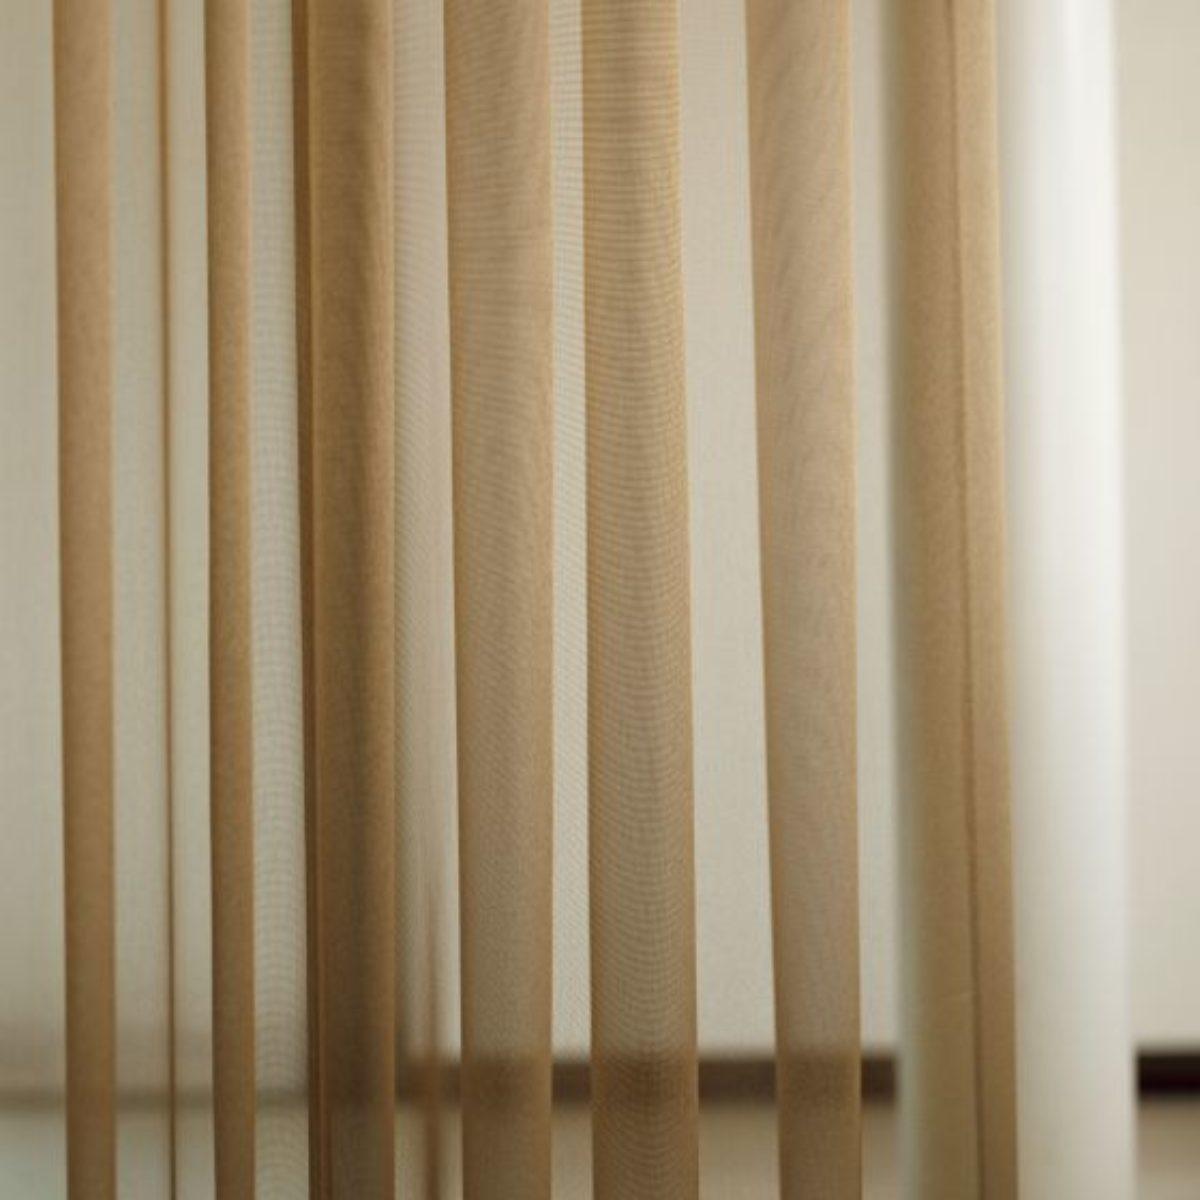 Ploeg gordijnen in between vitrage stoffen collectie 0102750568